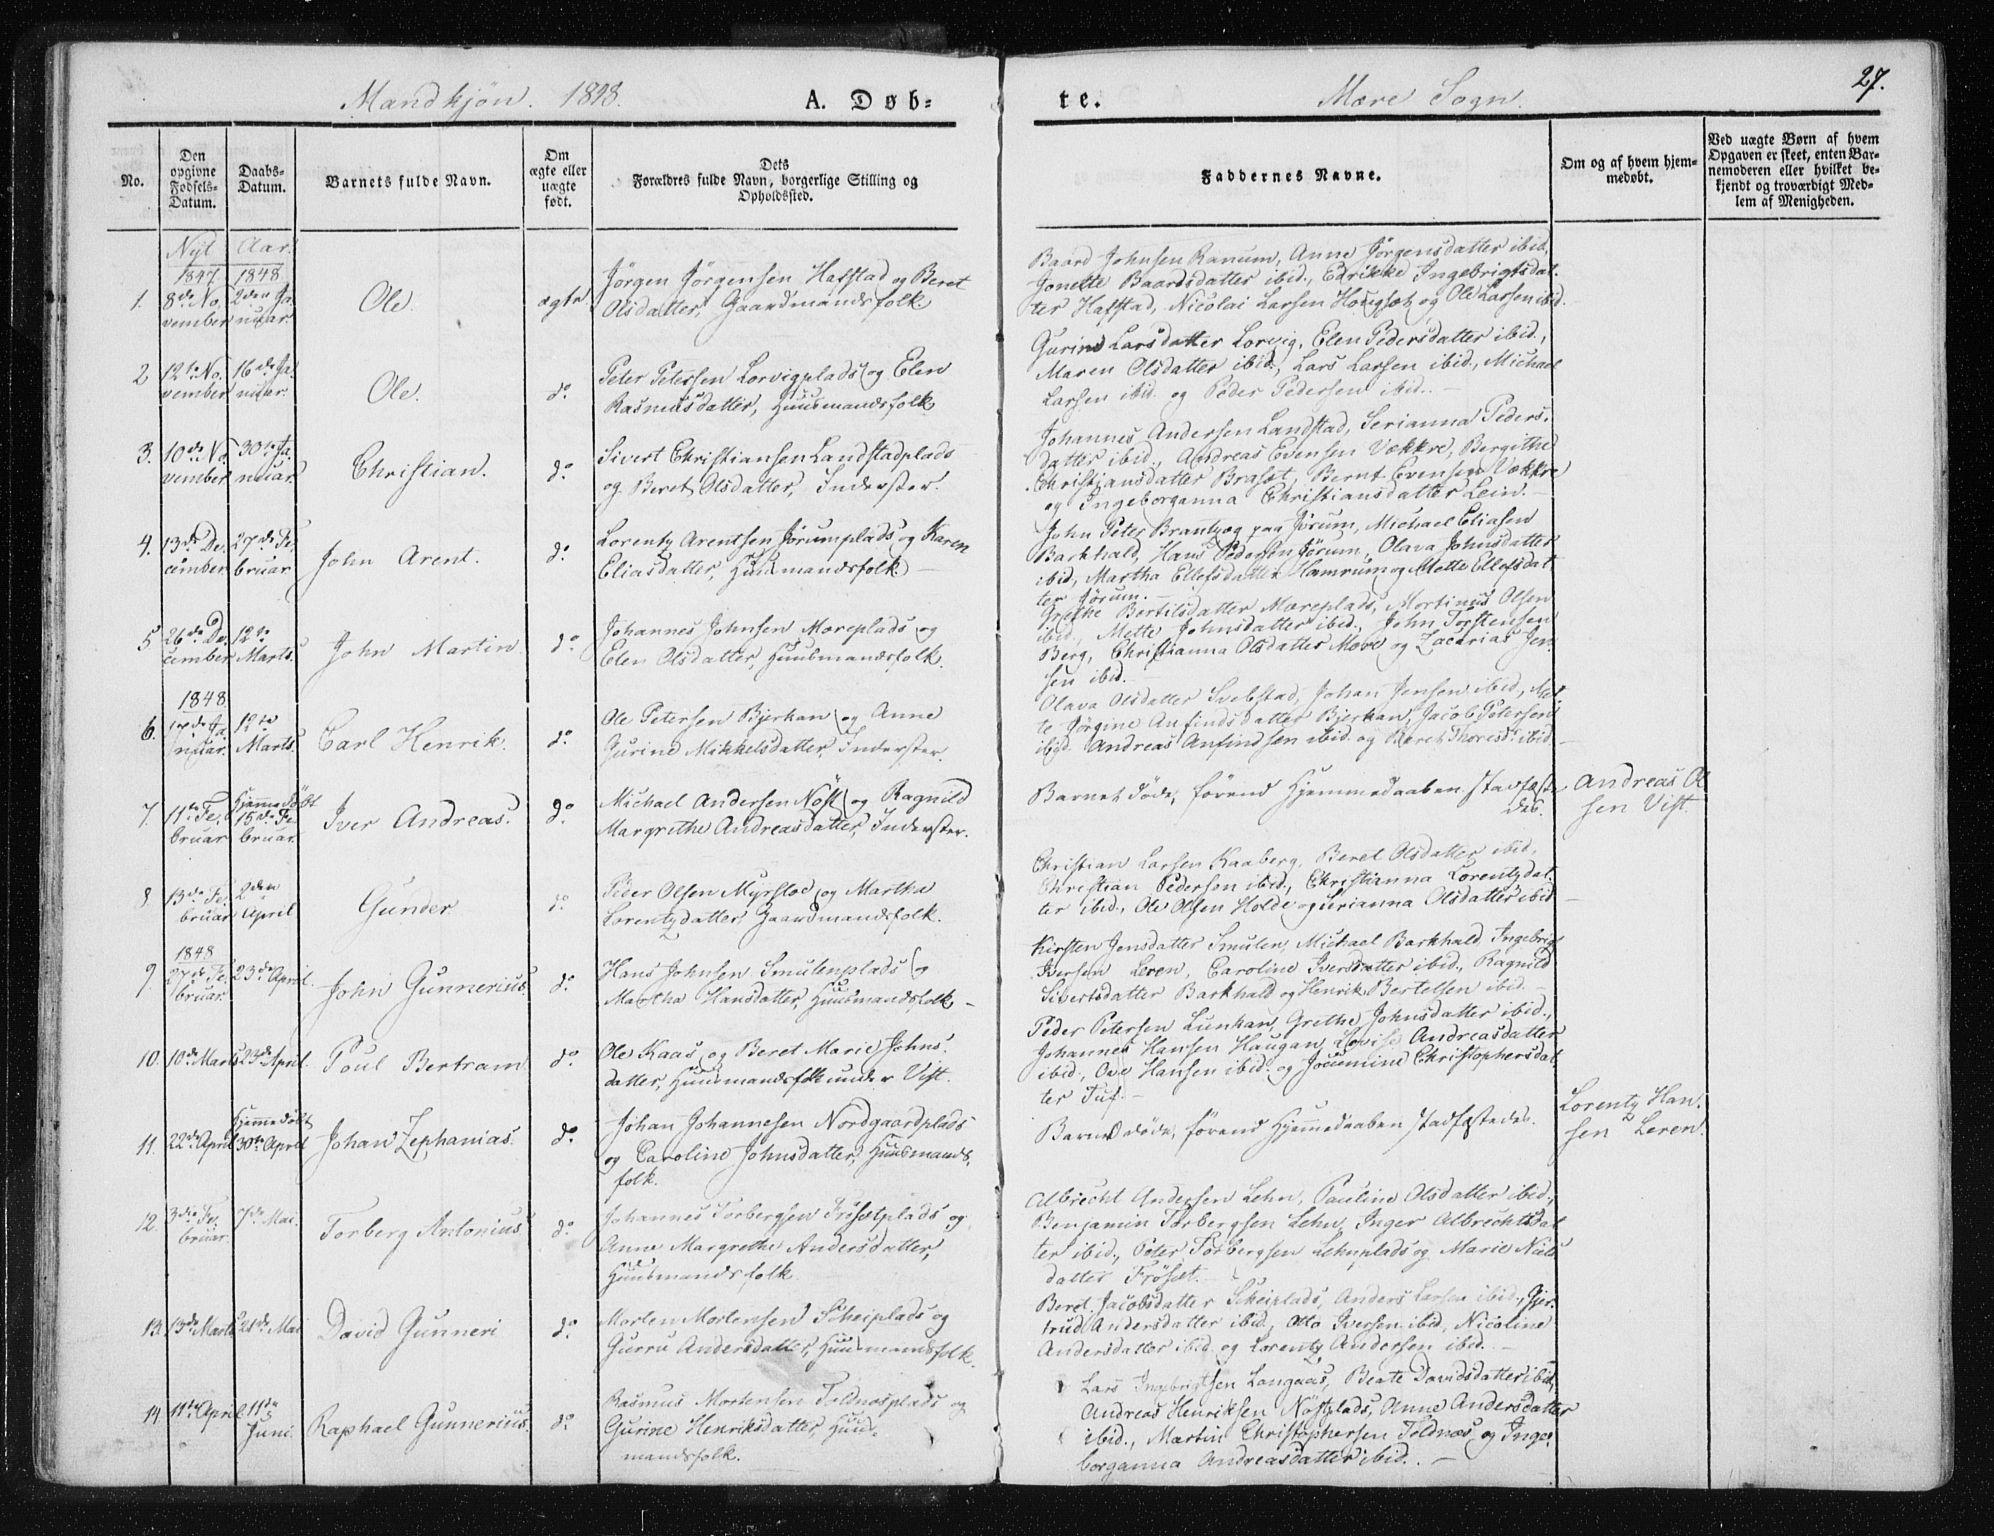 SAT, Ministerialprotokoller, klokkerbøker og fødselsregistre - Nord-Trøndelag, 735/L0339: Ministerialbok nr. 735A06 /1, 1836-1848, s. 27